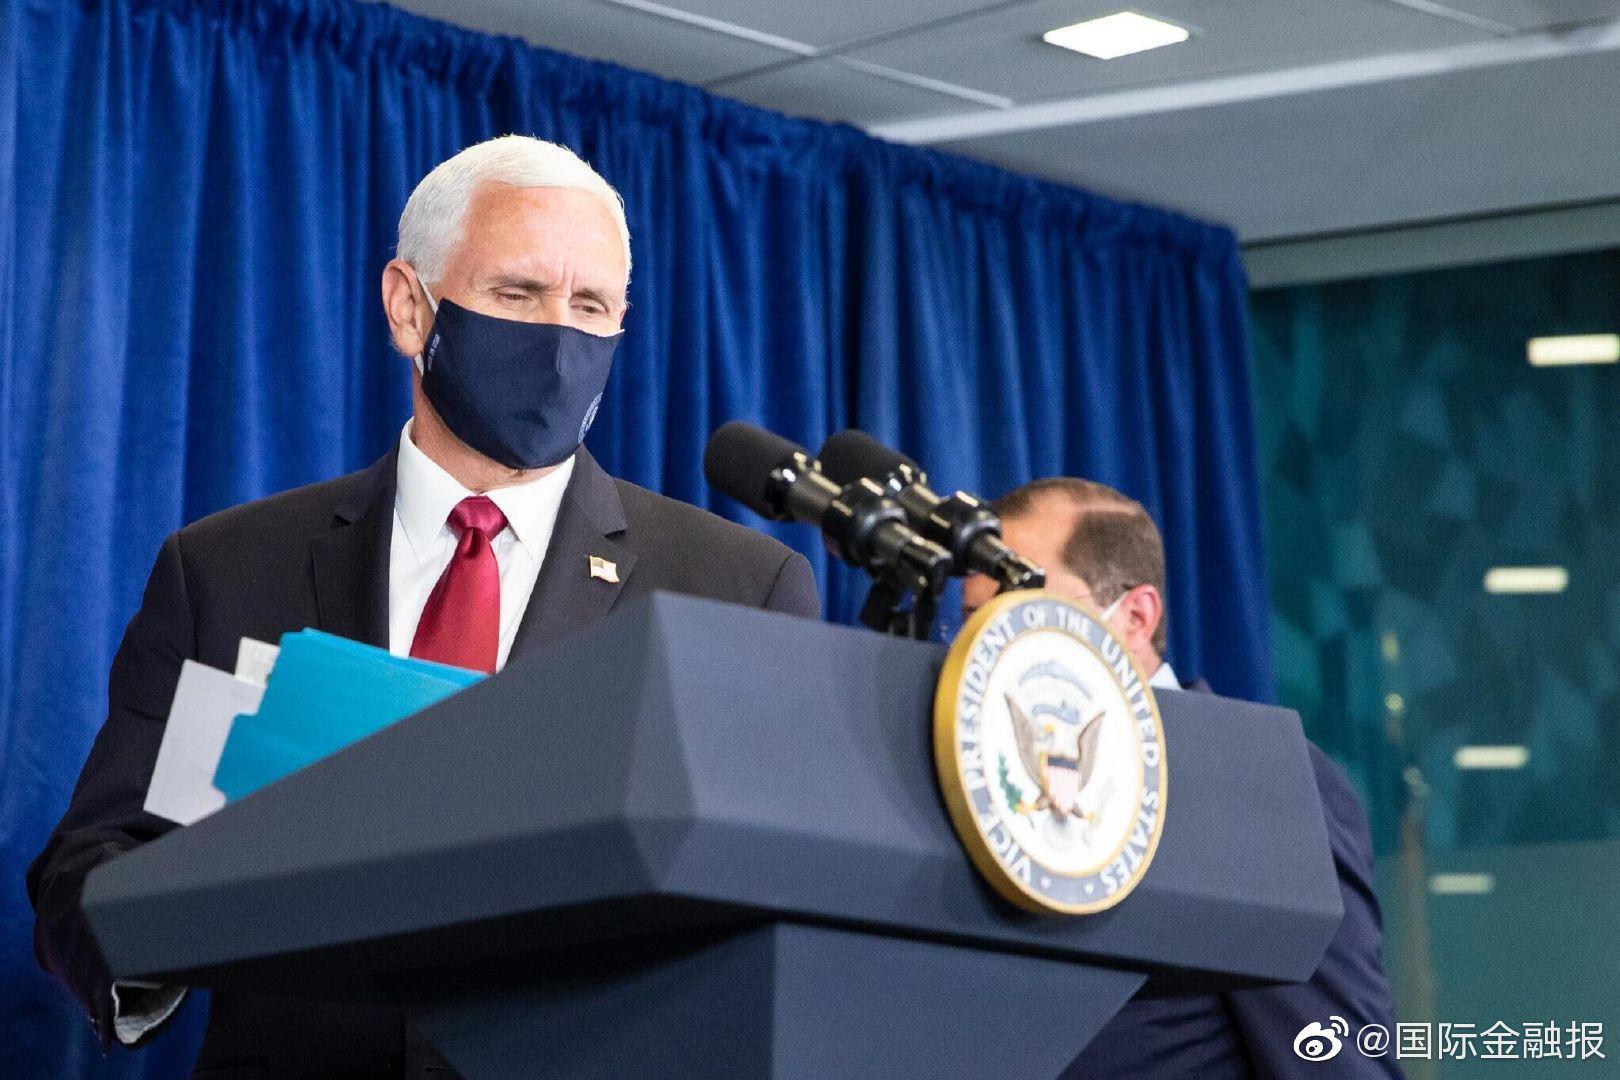 美国副总统彭斯临时推迟竞选集会行程……